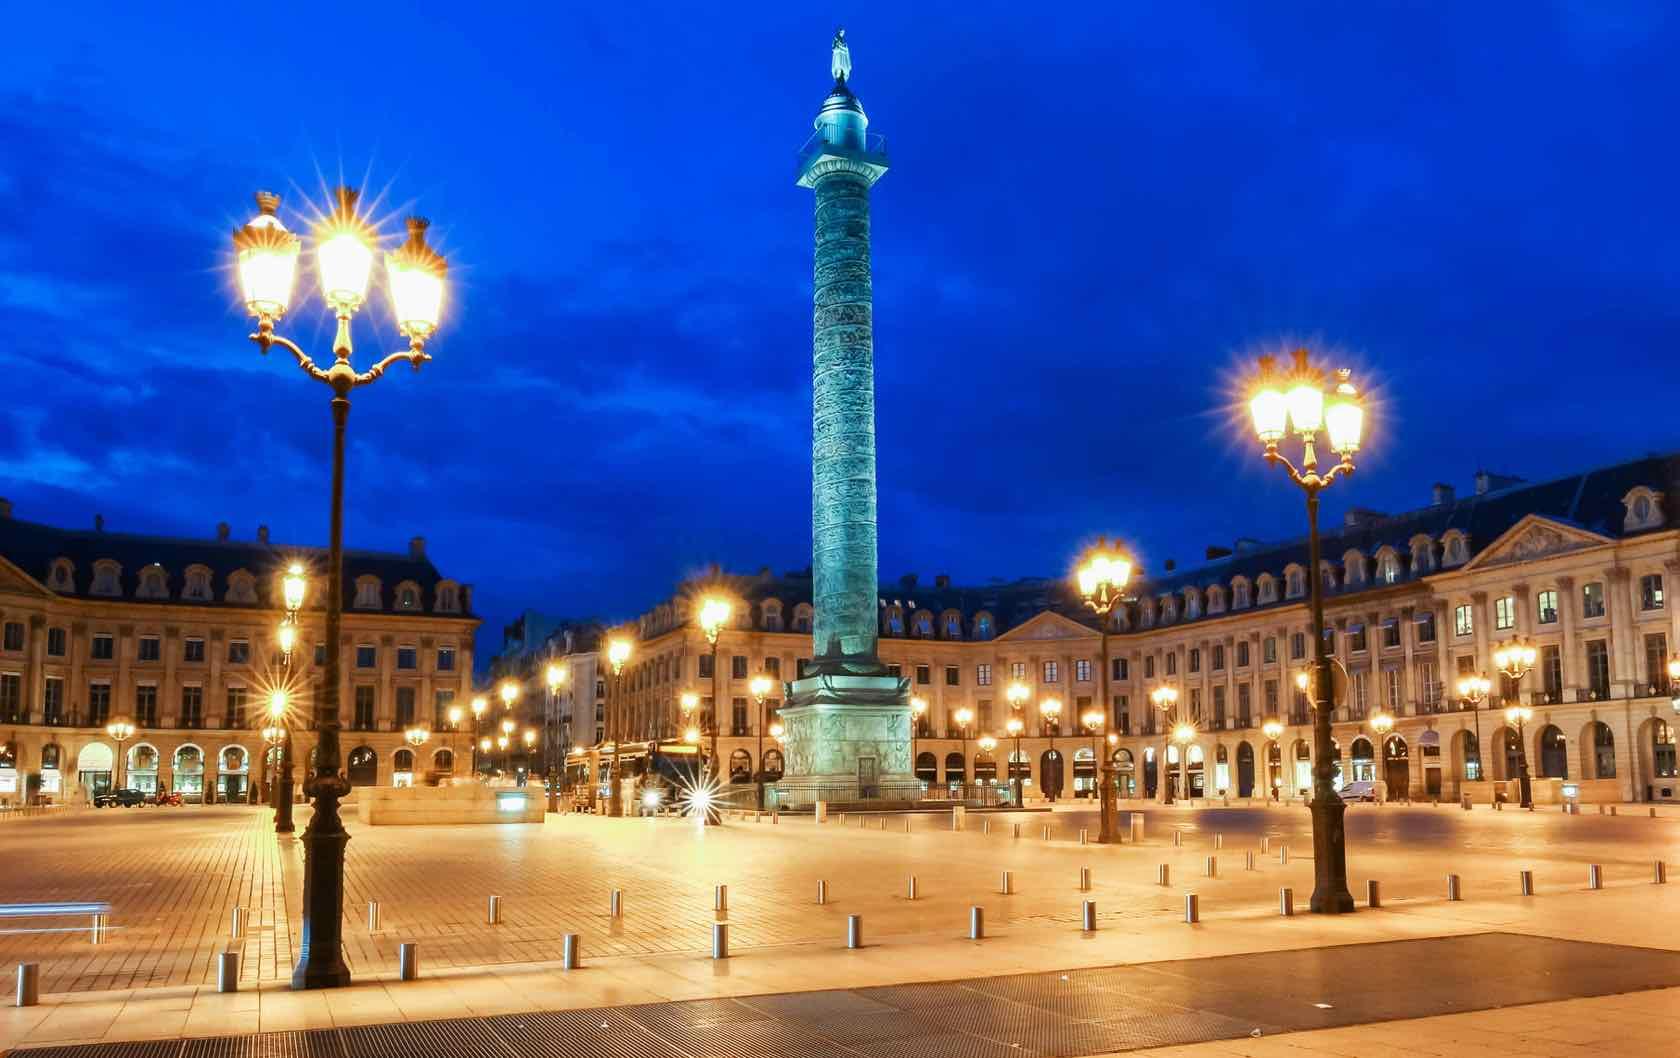 Place Vendome Night beautiful squares in Paris